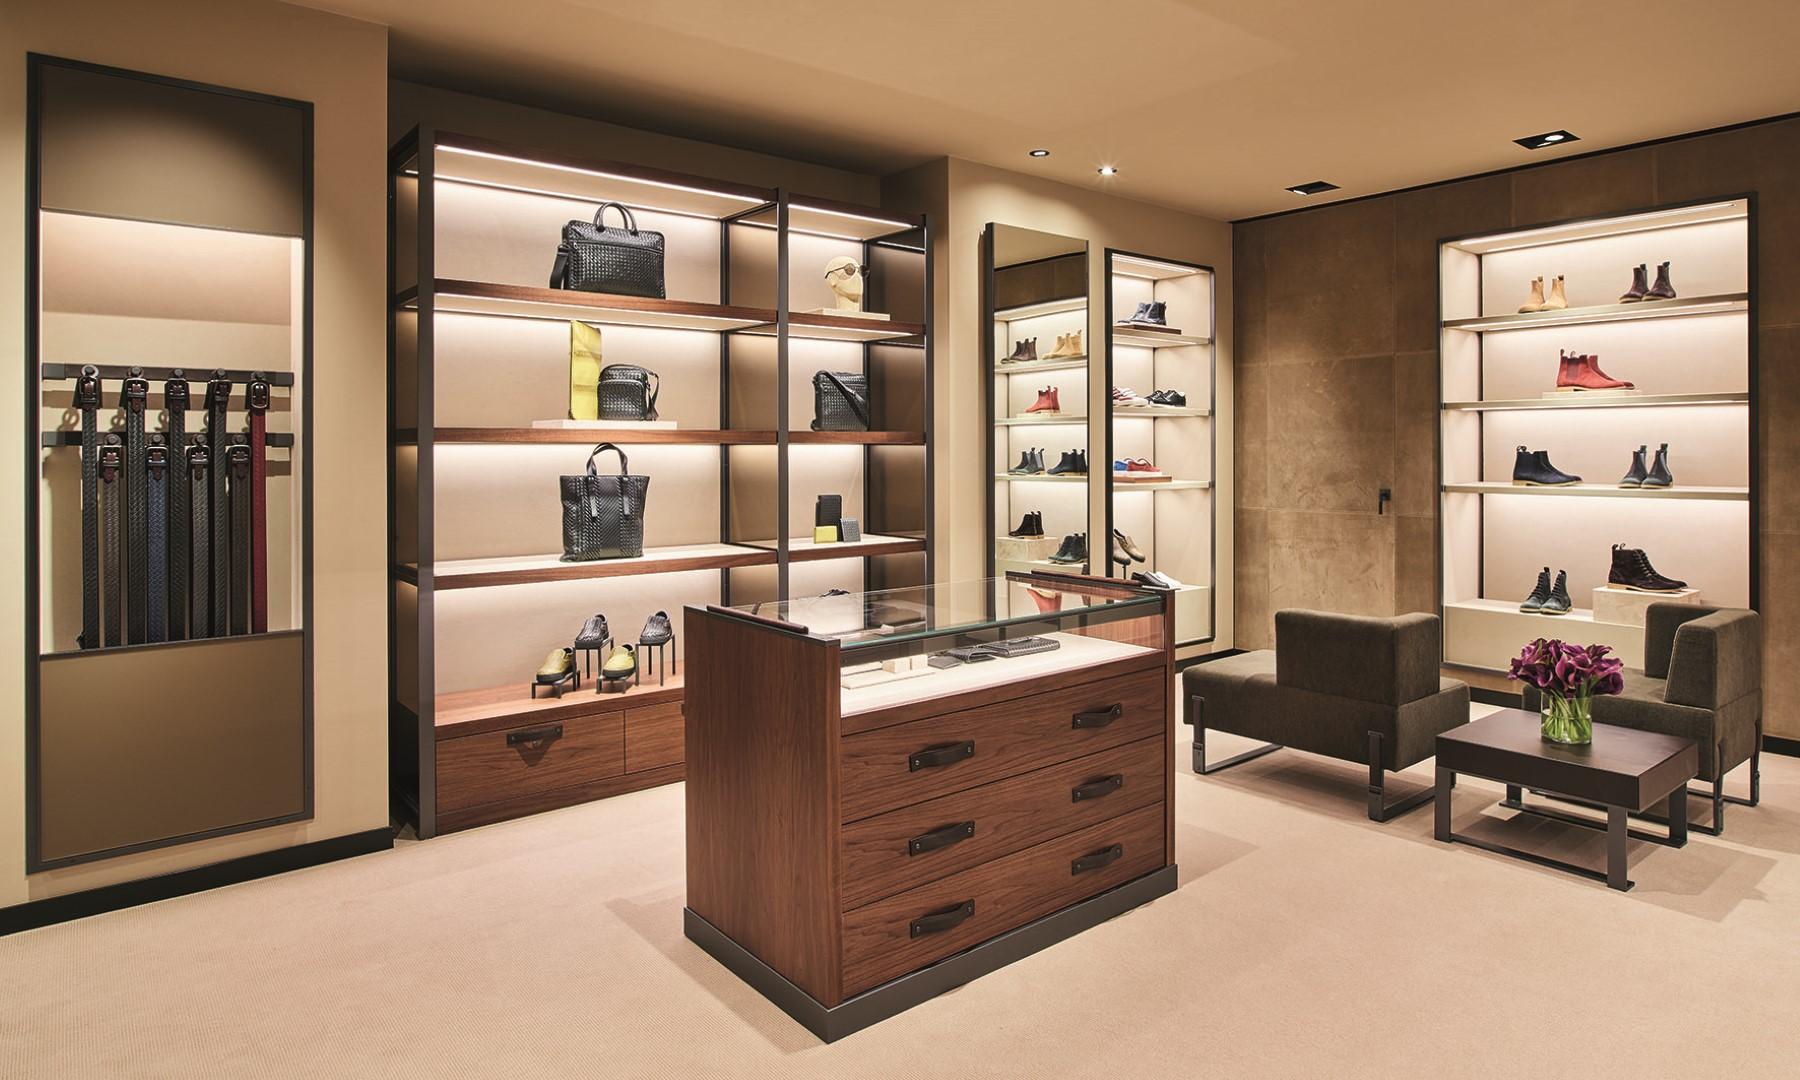 Bottega veneta amsterdam inaugurata la nuova boutique globestyles - Mobili bottega veneta ...